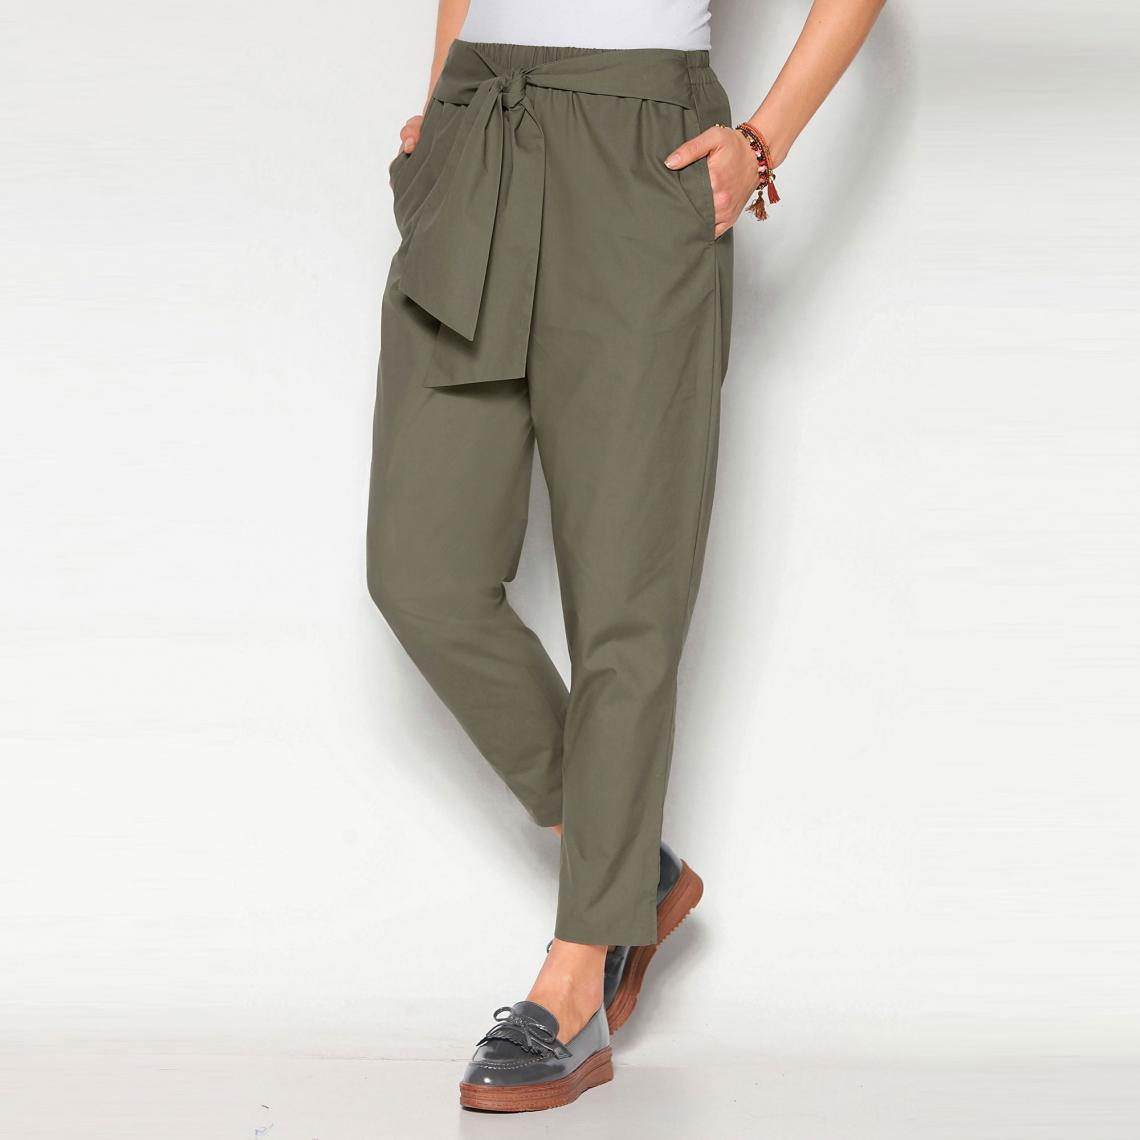 pantalon femme elastique